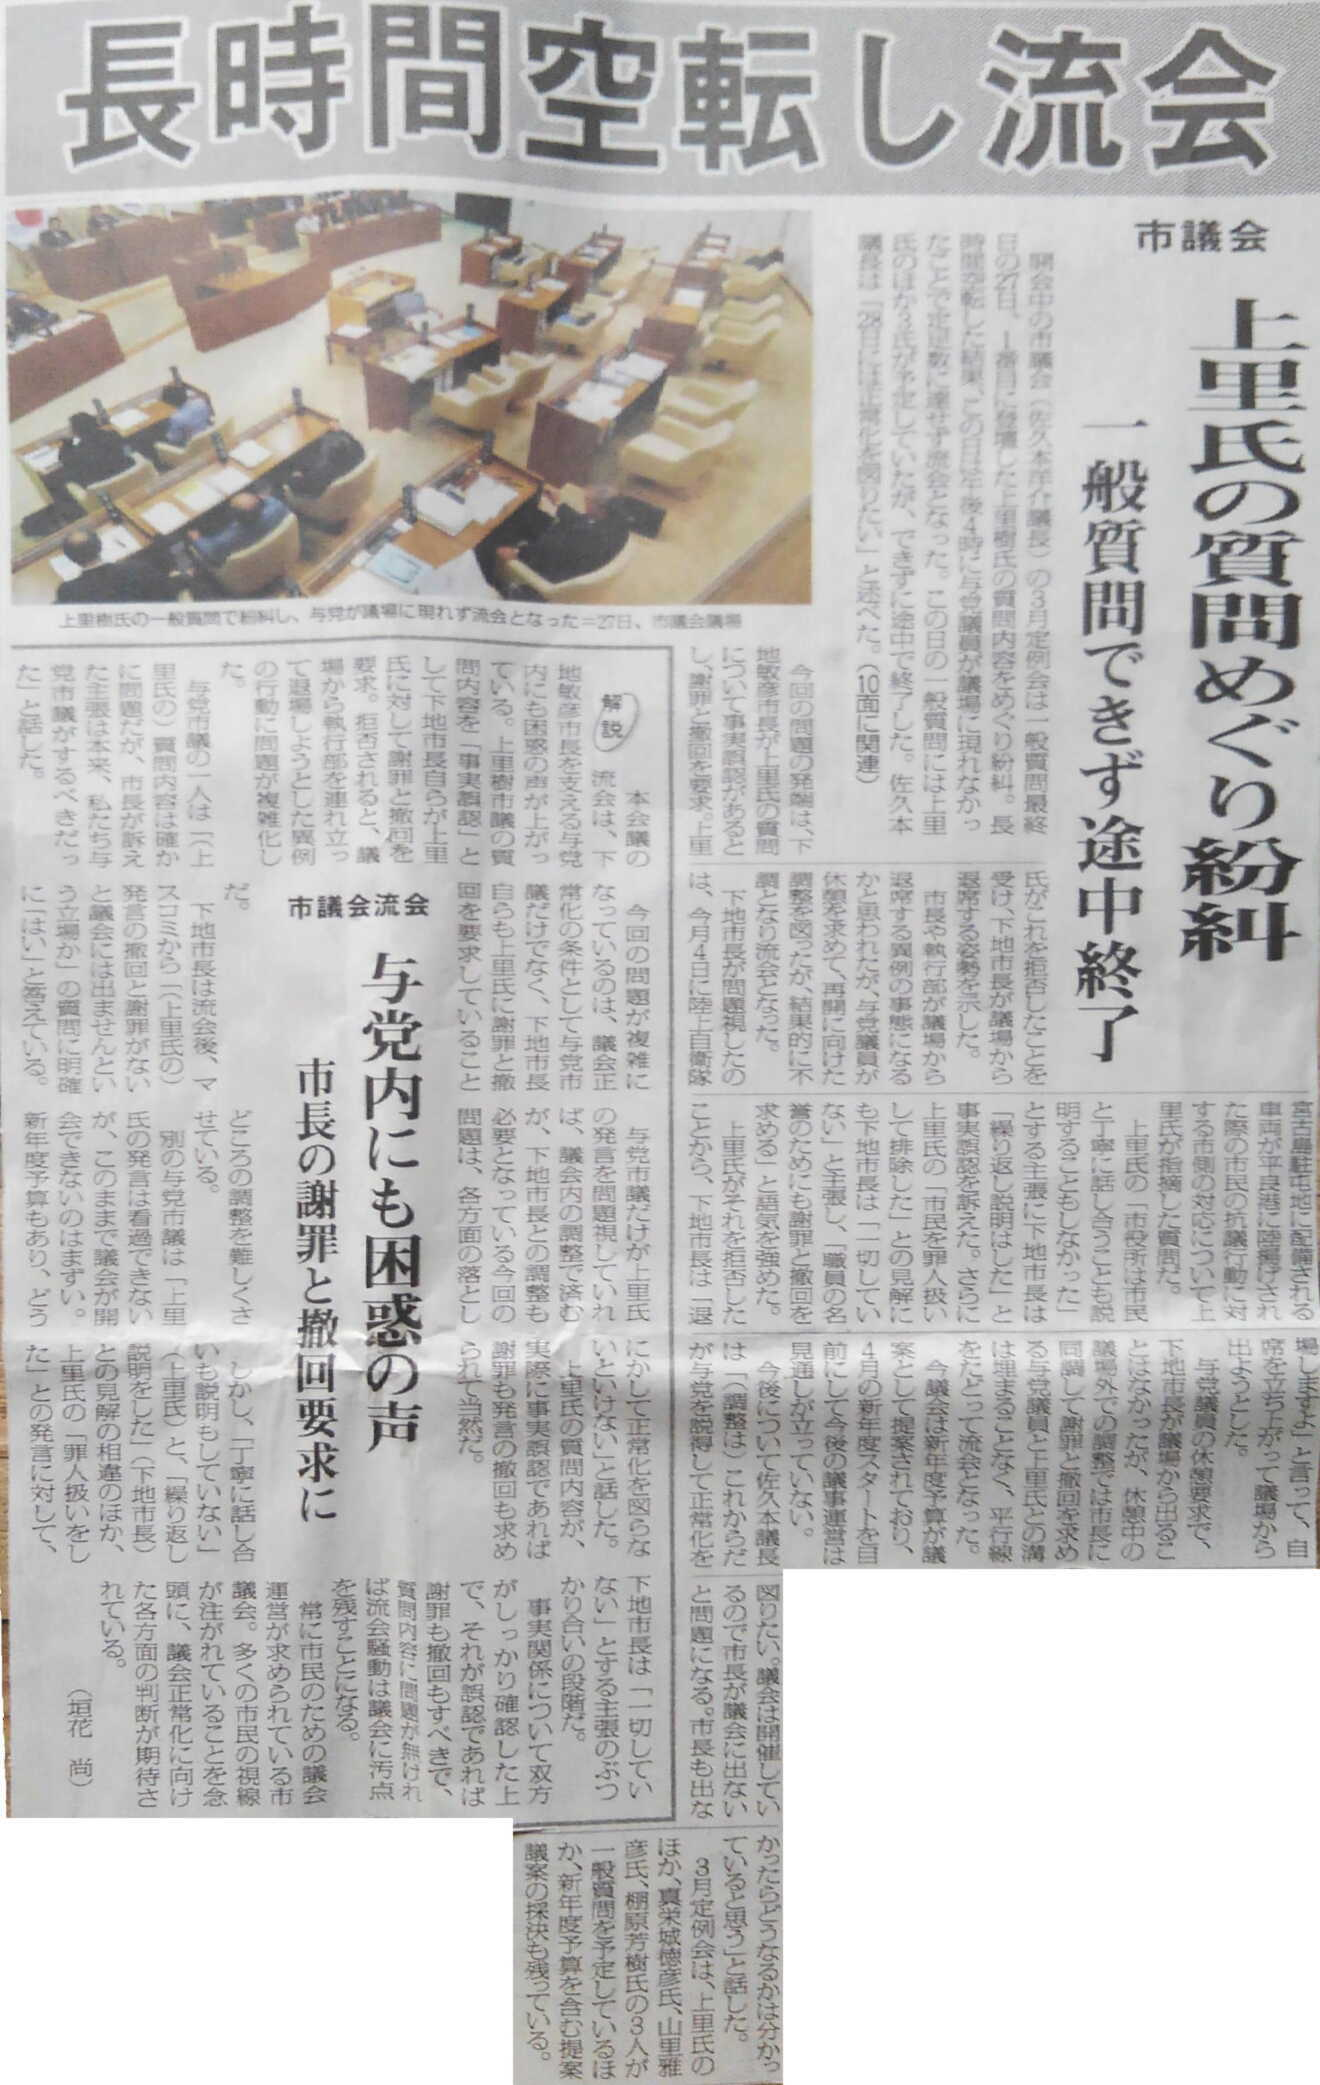 miyakomainichi2019 03281]